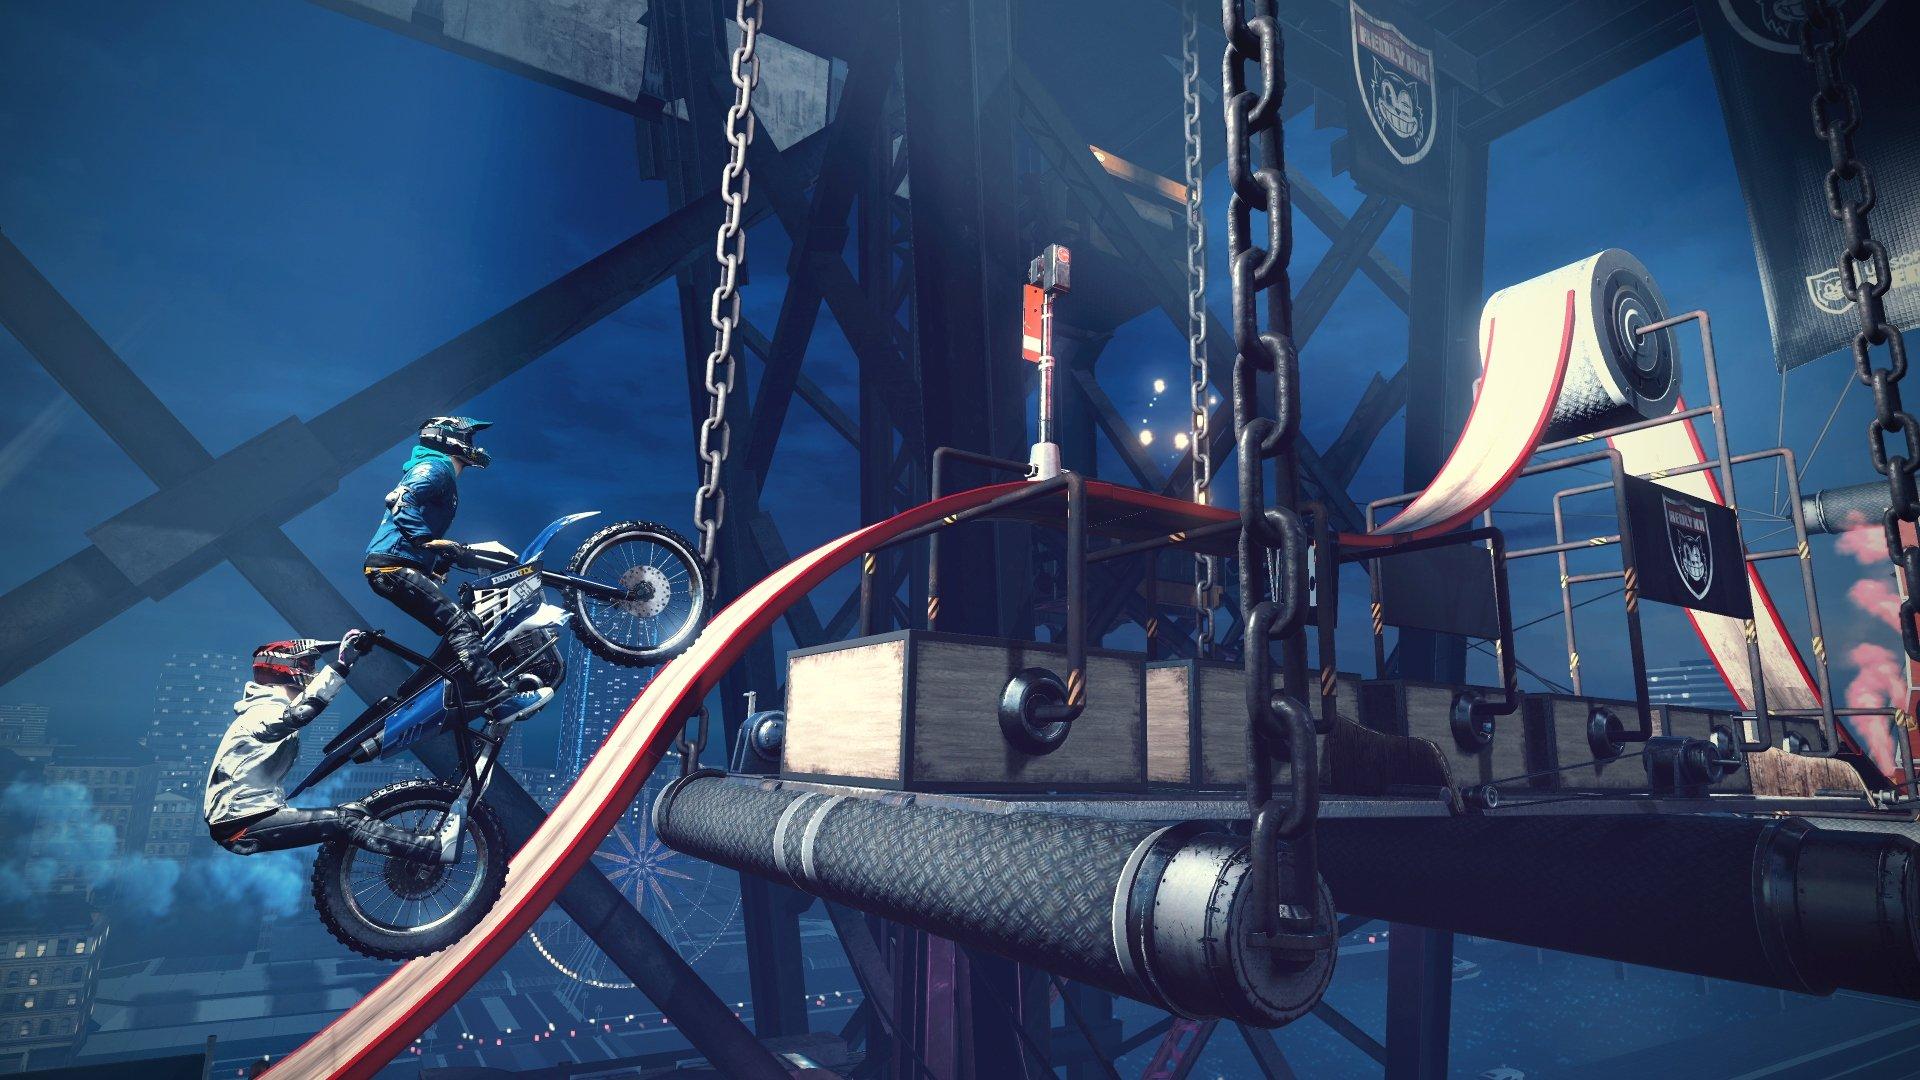 Análisis de Trials Rising para PS4 - 3DJuegos